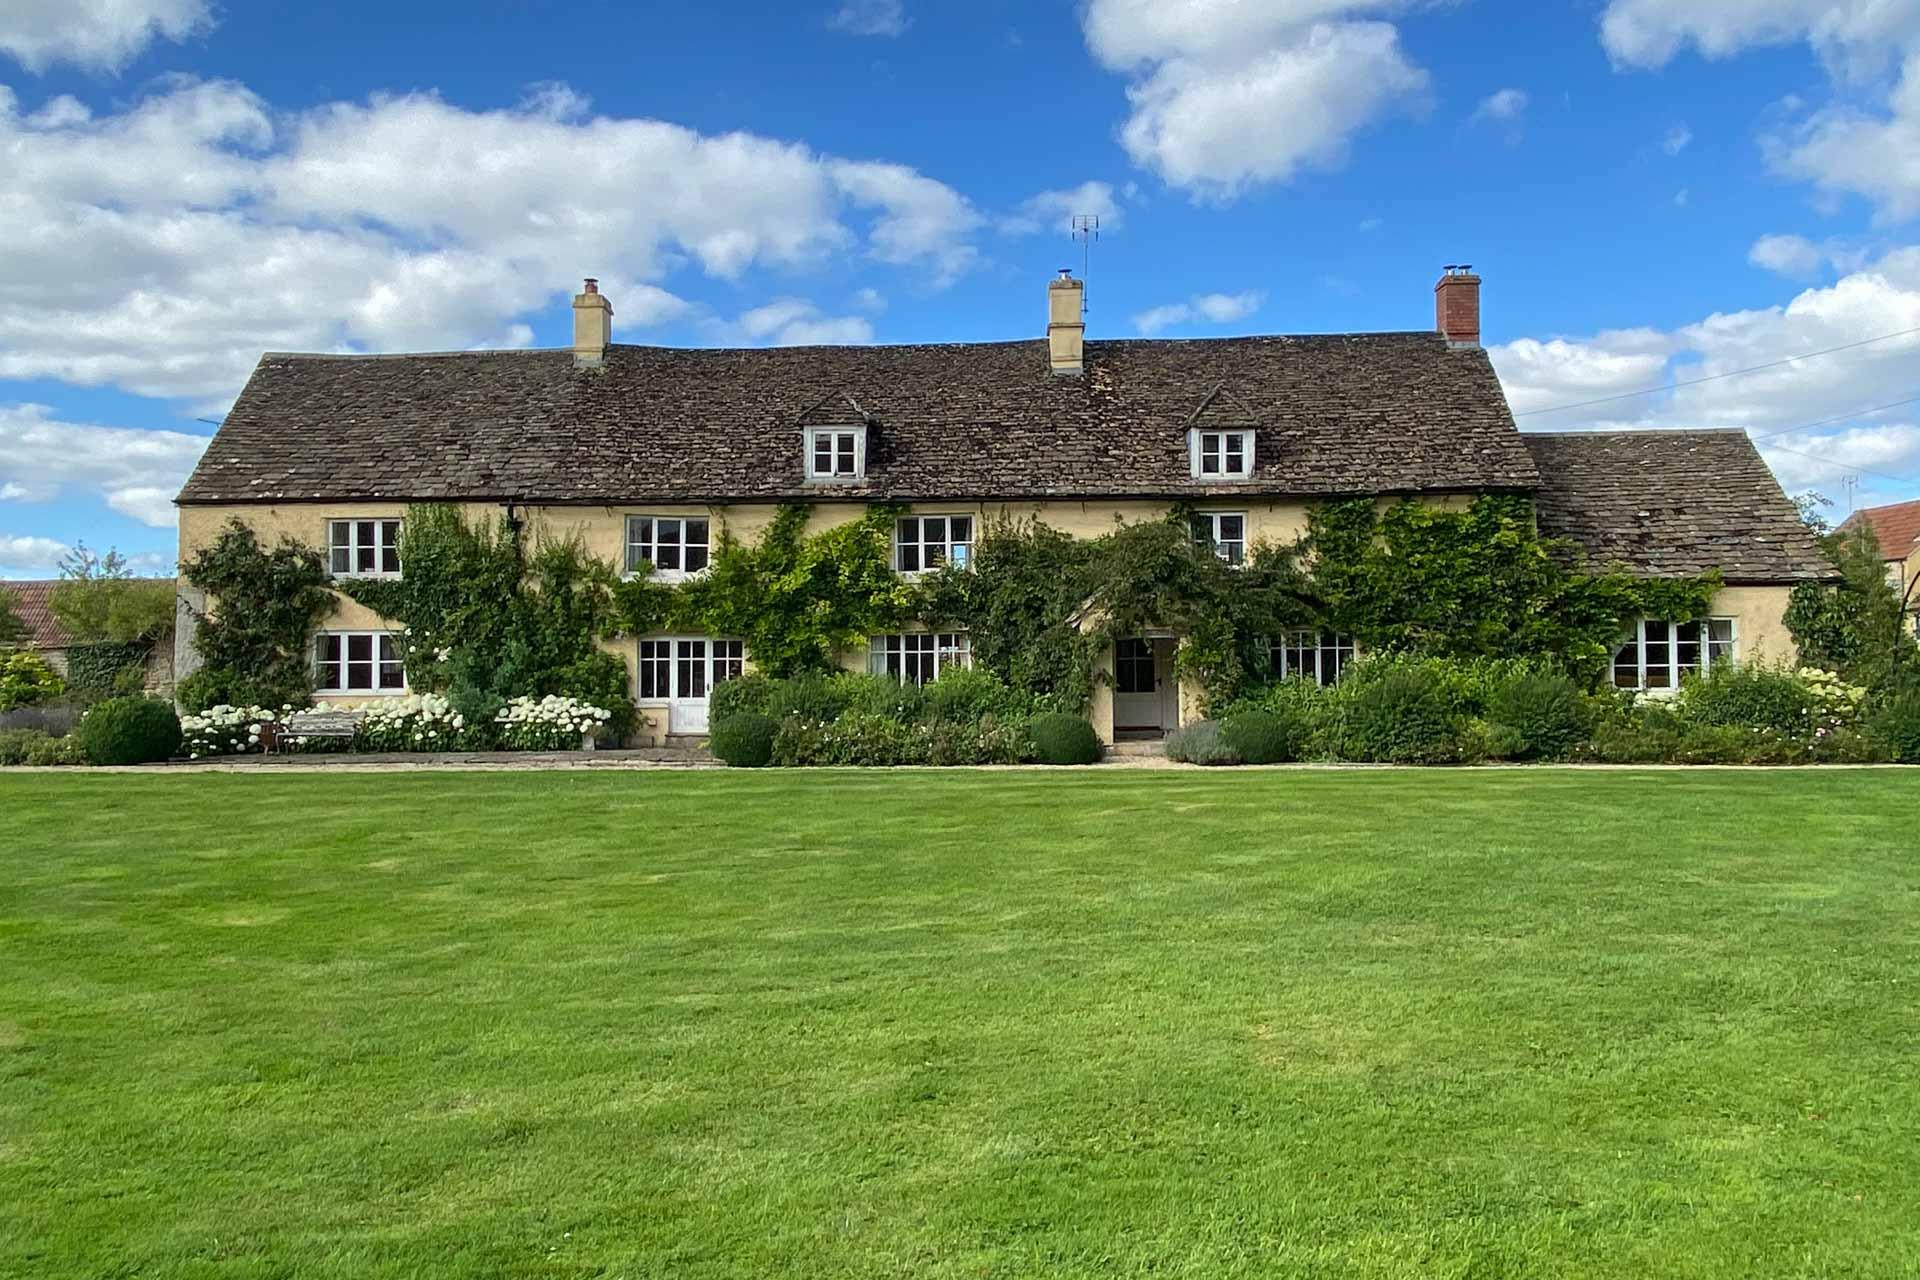 inglestone-farm-main-house11